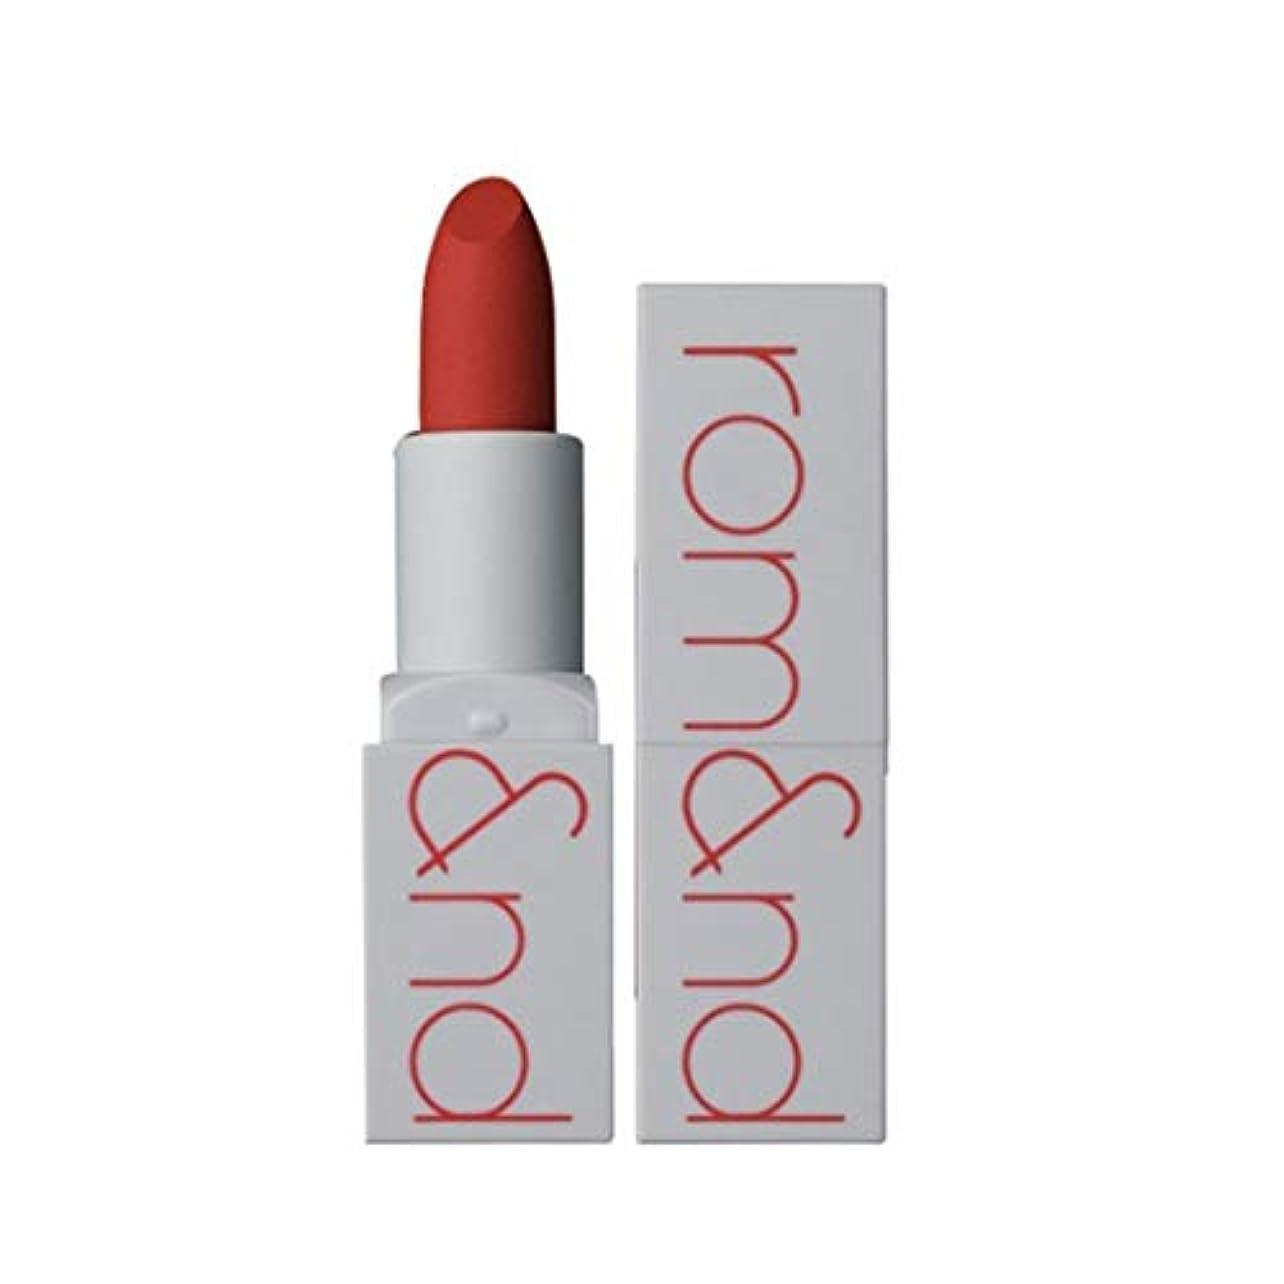 考古学者原子手数料ローム?アンド?ゼログラムマットリップスティック3.5g 4色、Rom&nd Zero Gram Matte Lipstick 3.5g 4 Colors [並行輸入品] (All That Jazz)